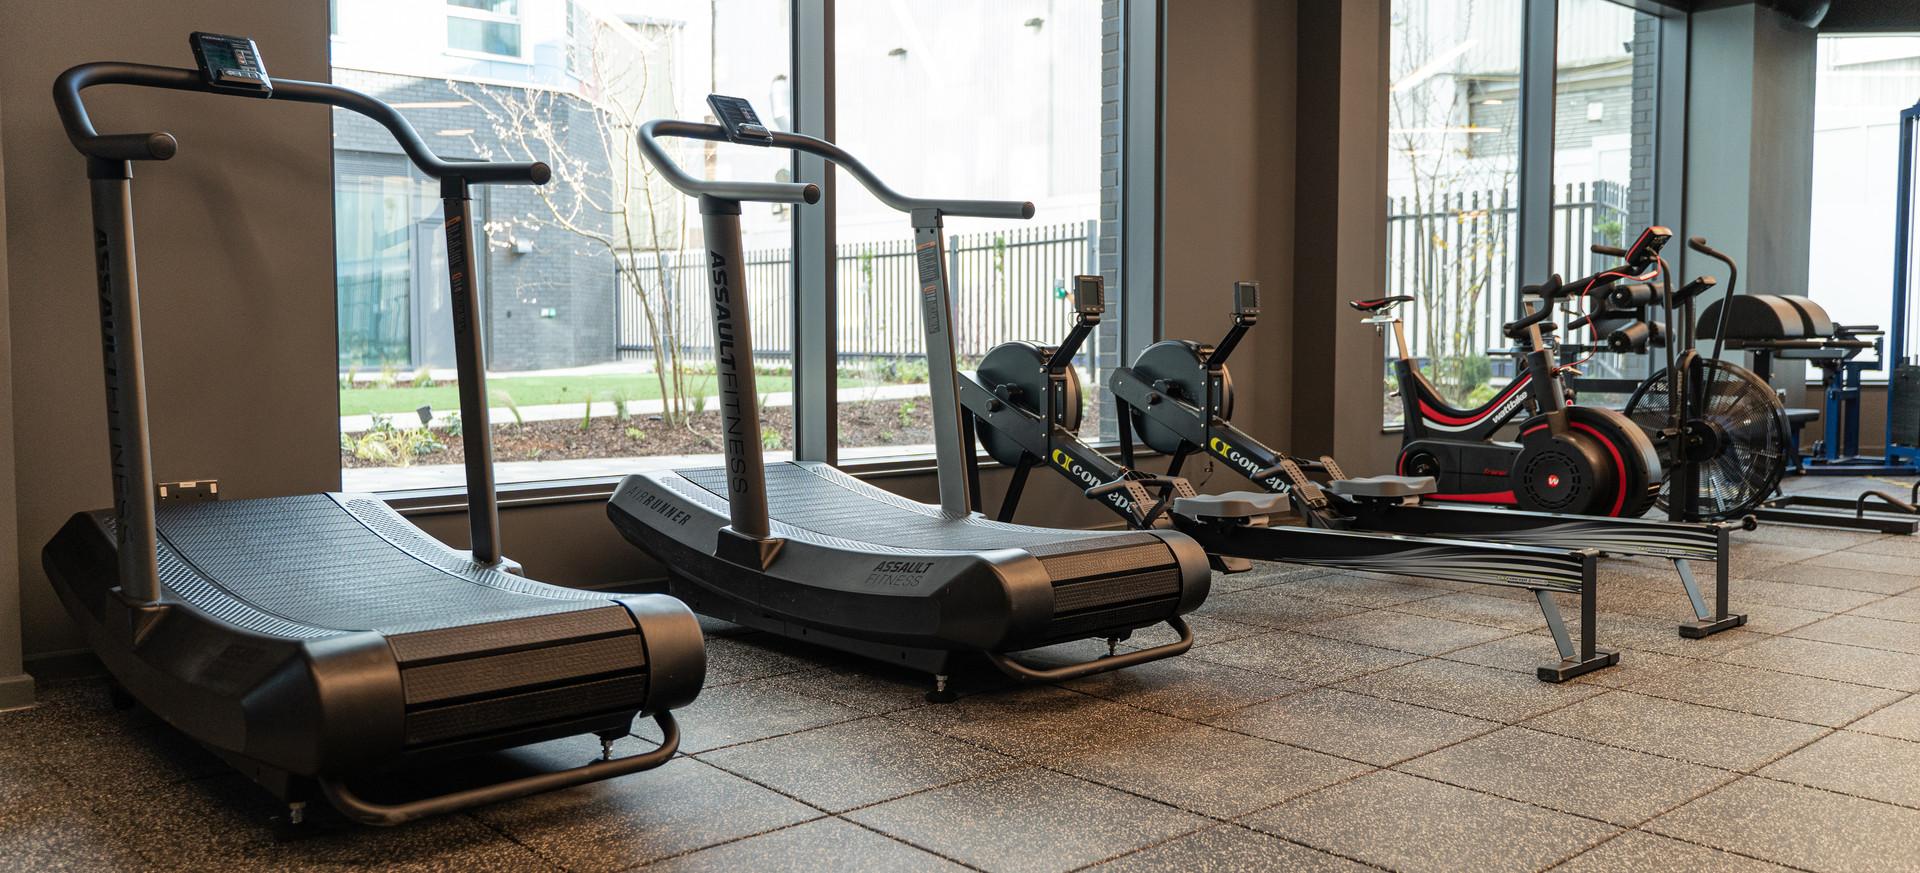 LIFTD - Running Machines